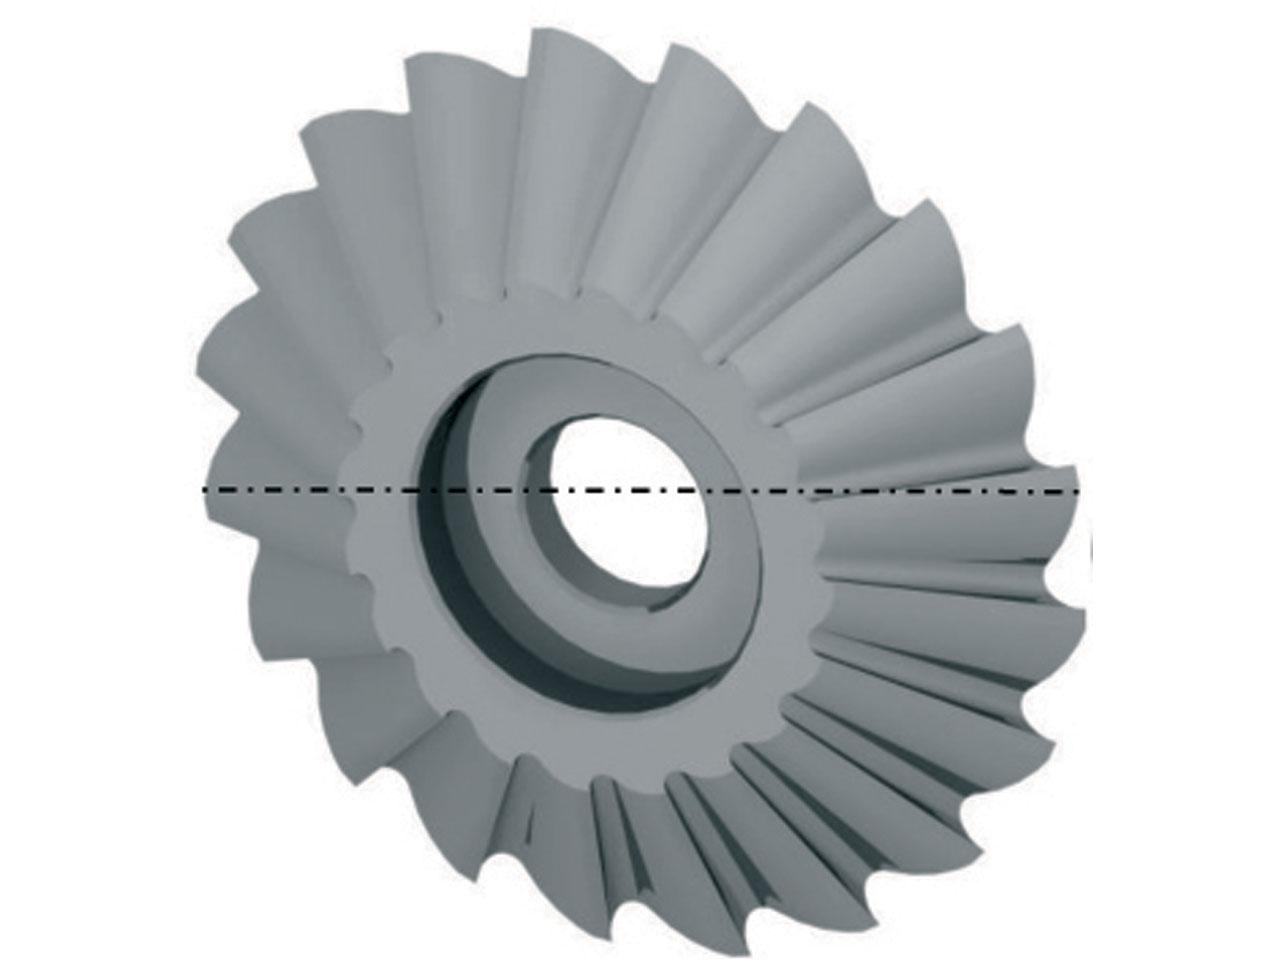 Fasenfräser LC375